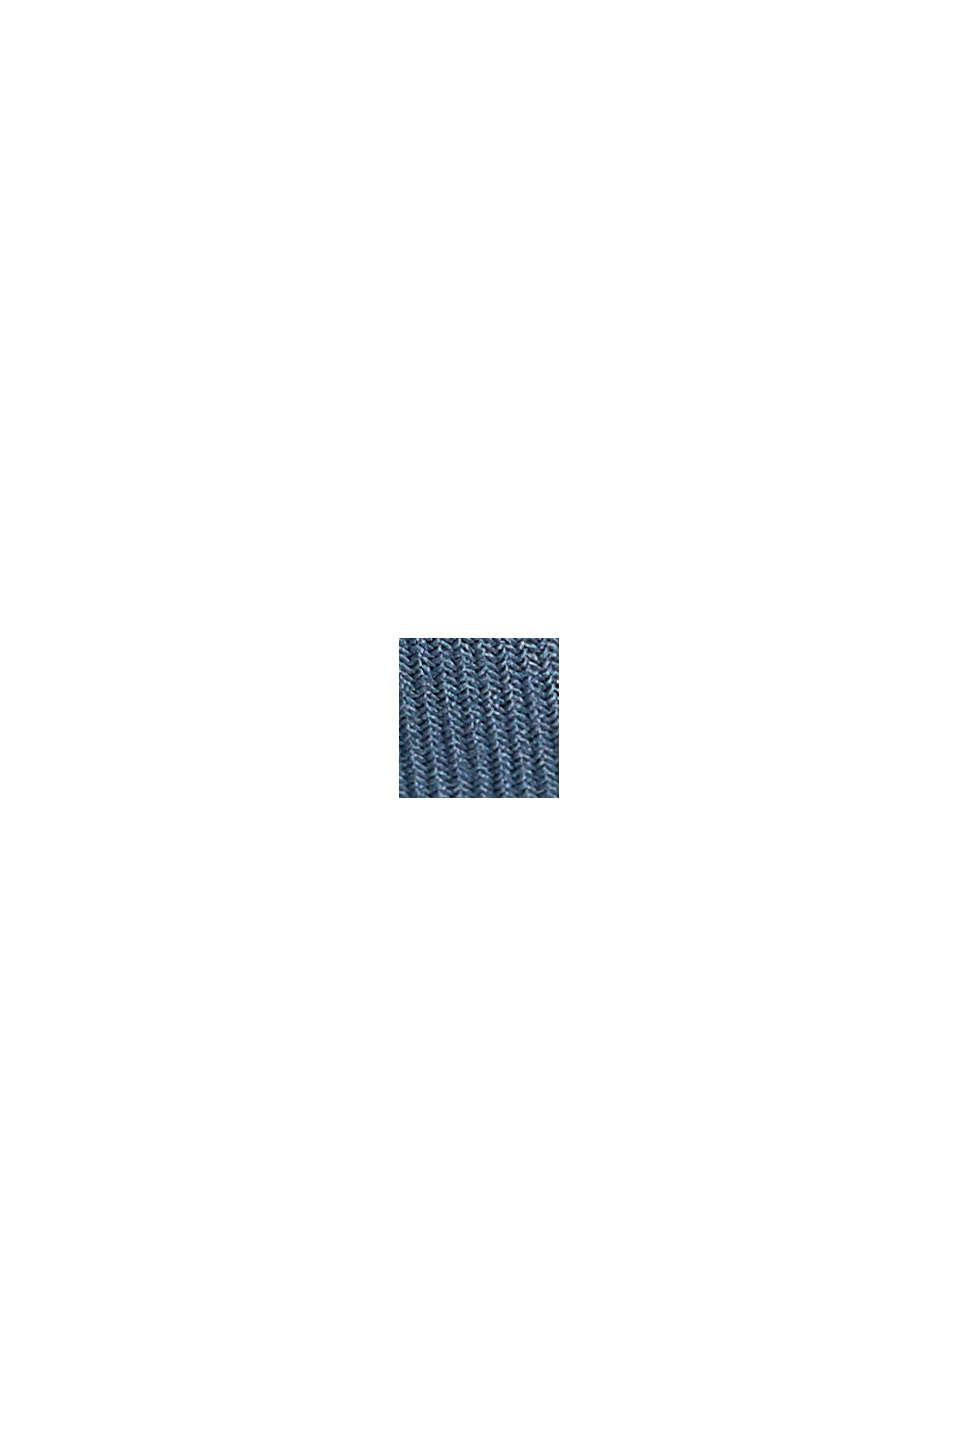 Tuniekblouse met biezen, GREY BLUE, swatch